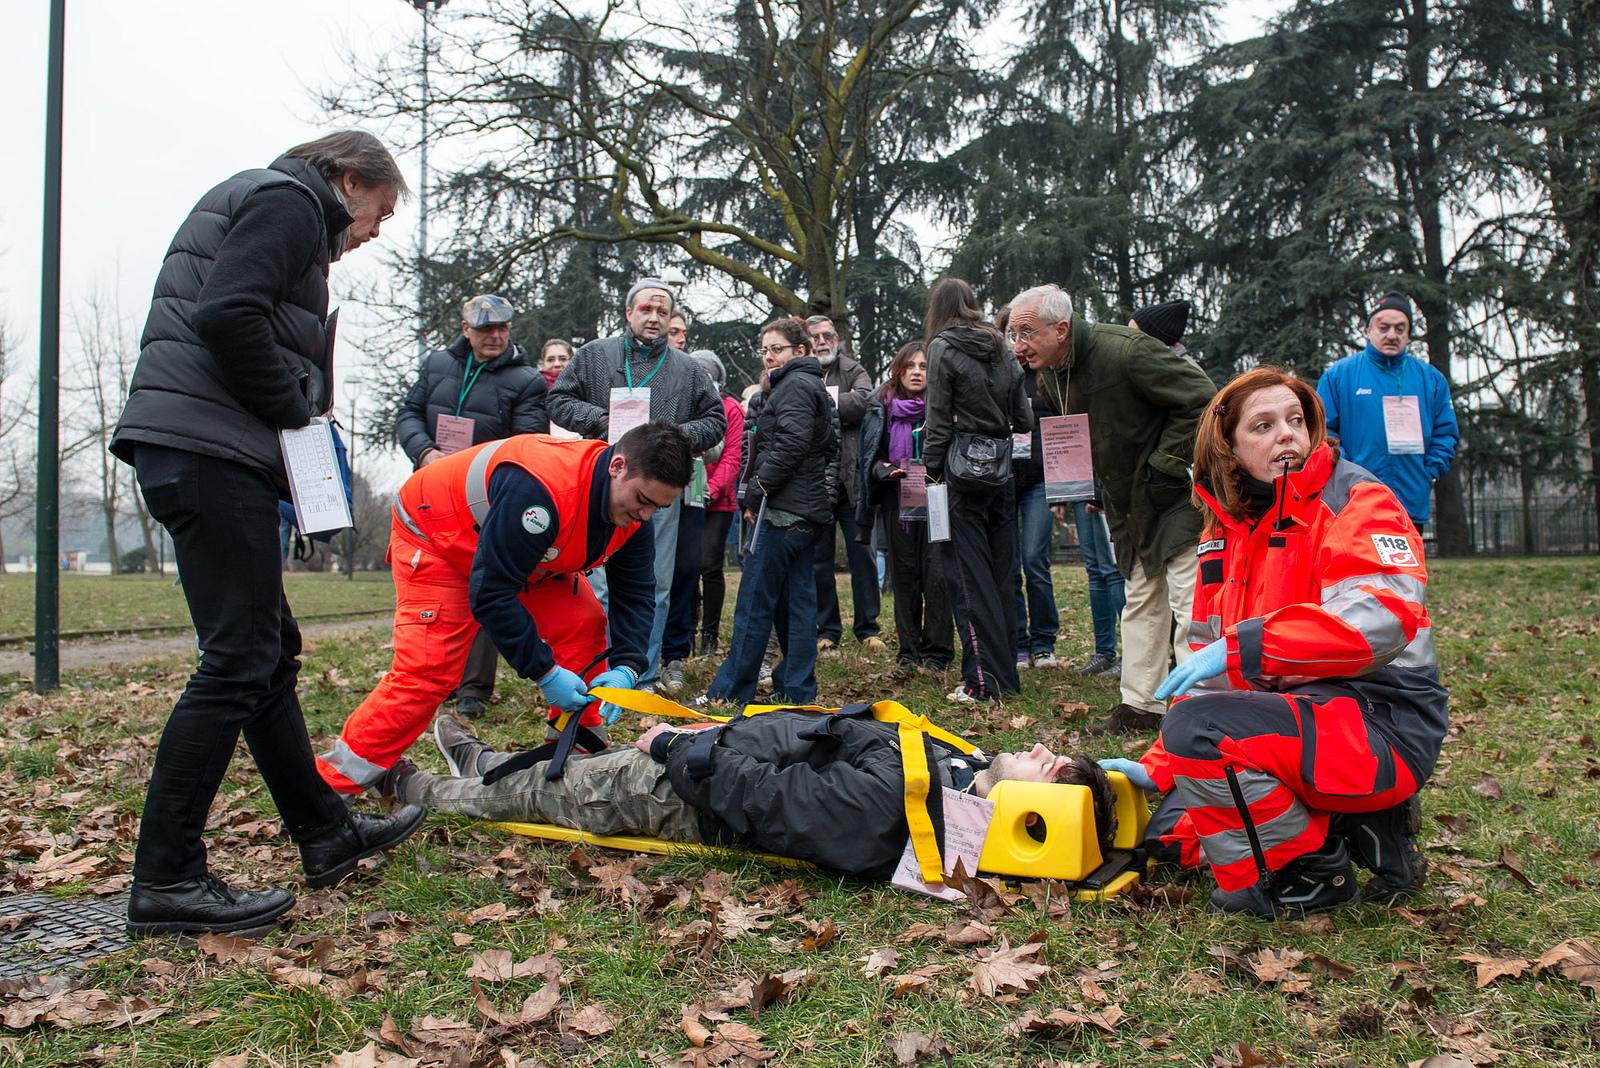 [ photogallery ] A Torino un grave incidente… ma è solo una simulazione